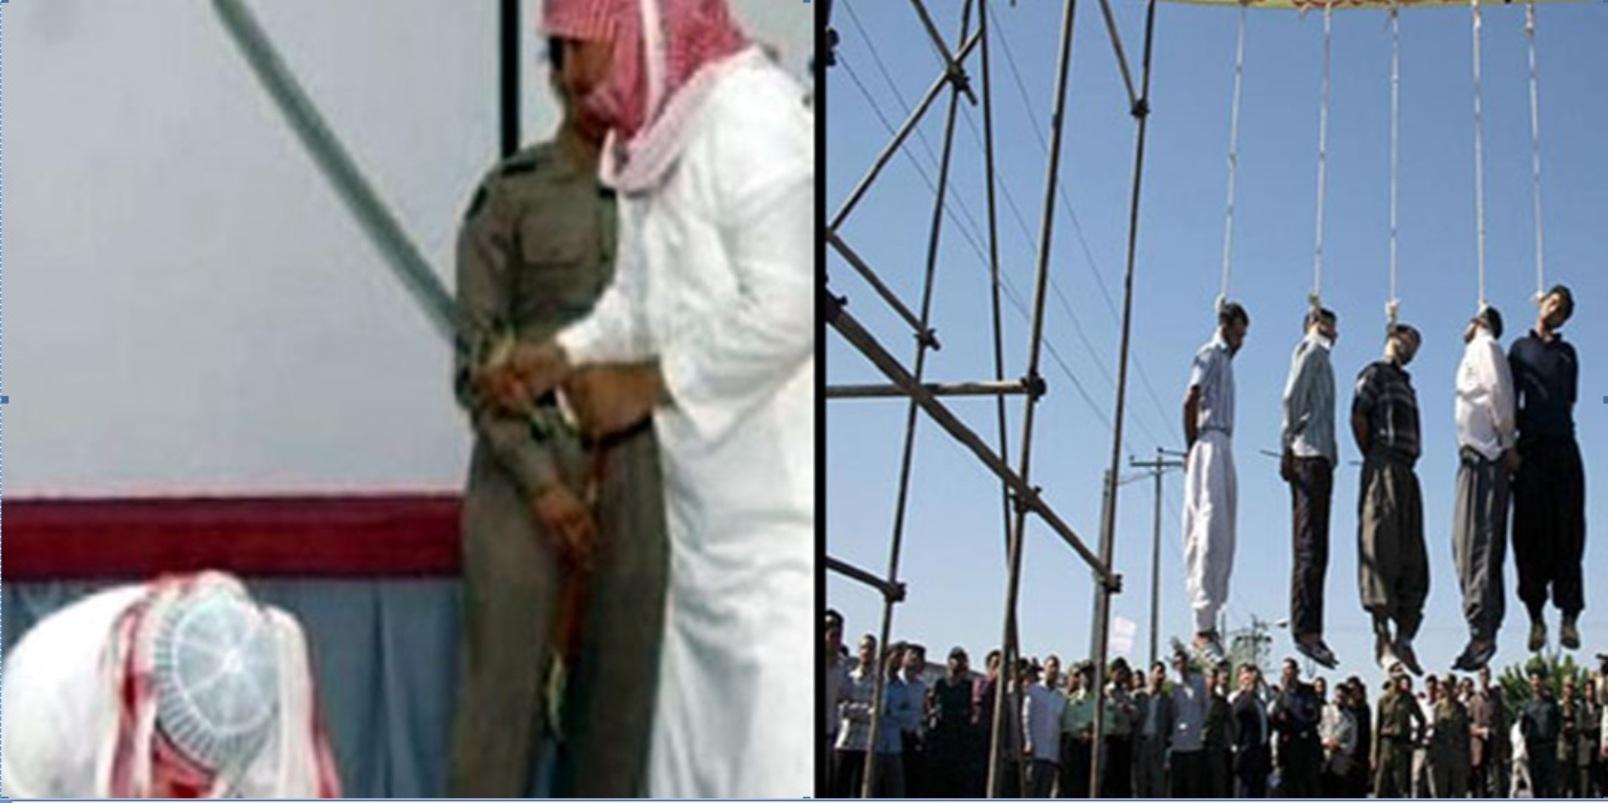 मुस्लिम देशों में बलात्कारियों के खिलाफ ज़ीरो टॉलरेंस, जानिये दुनिया के अन्य देशों में बलात्कारियों को दी जानी वाली सज़ाएँ।